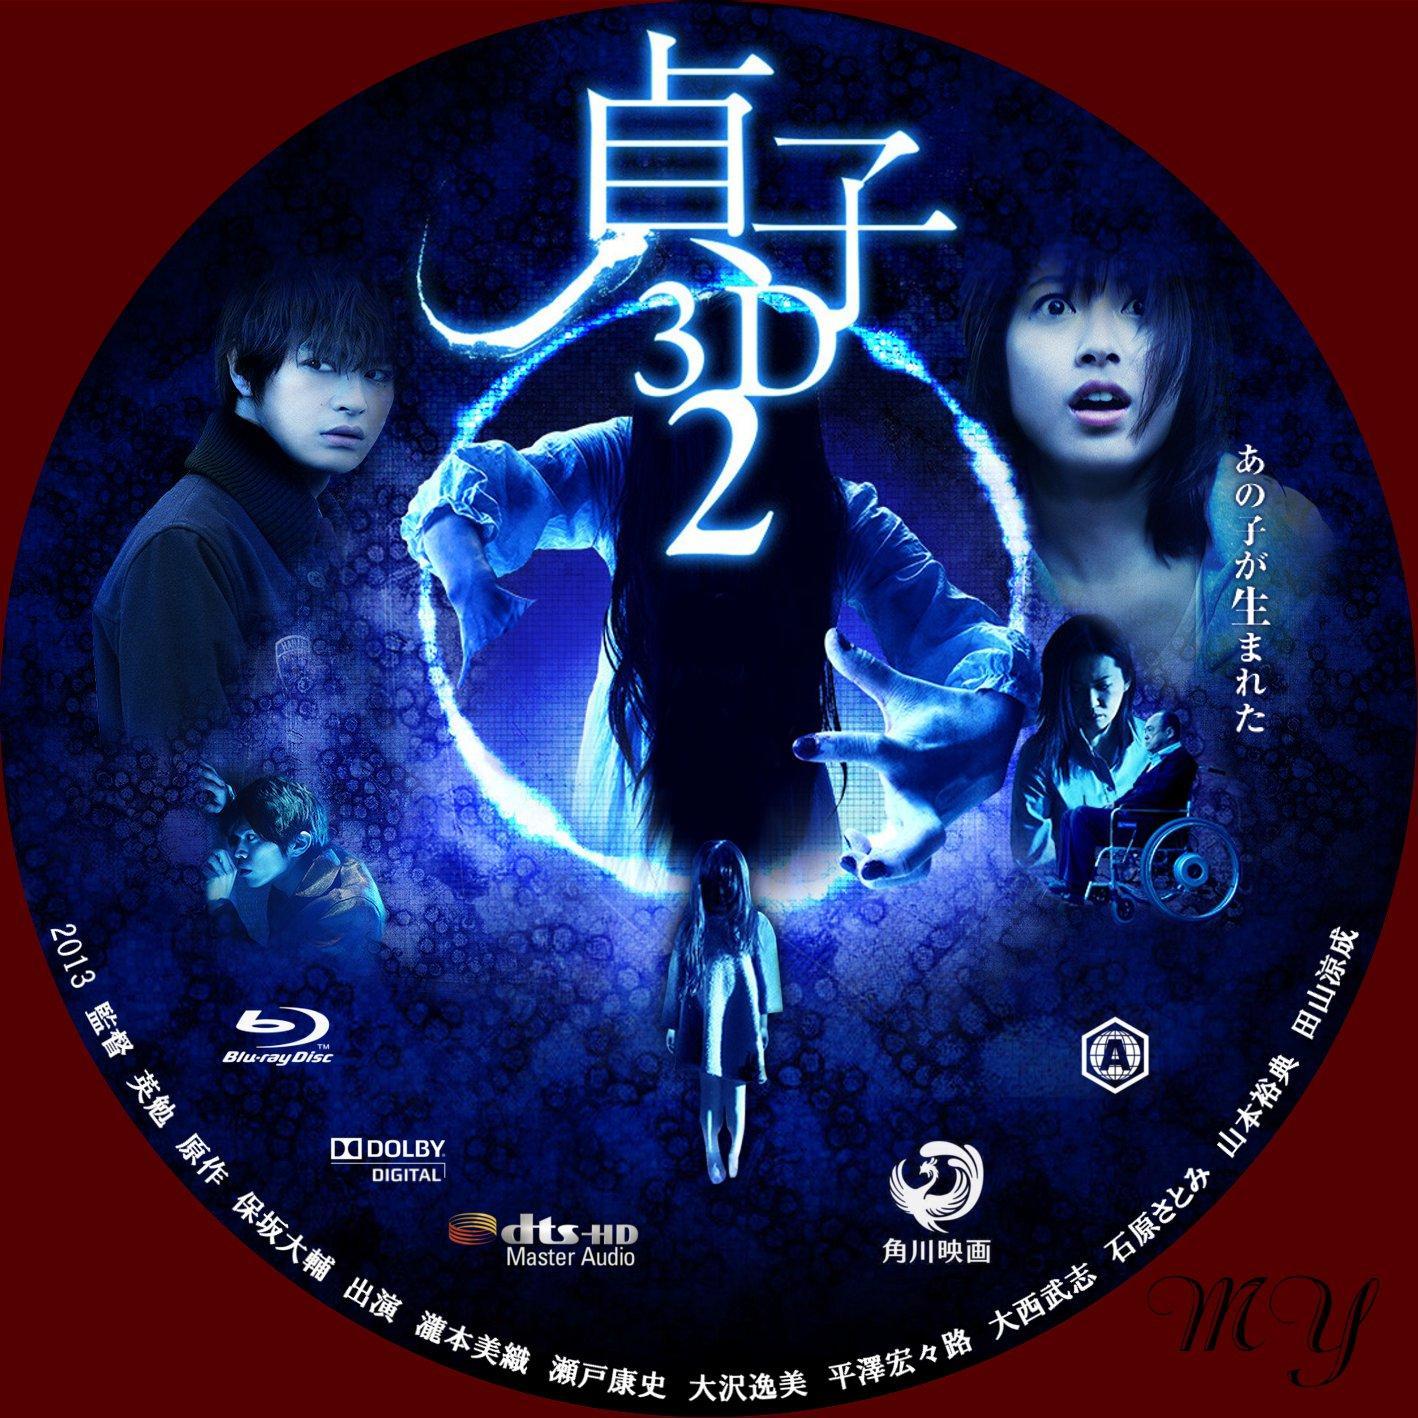 貞子3D2 | MY DVD らべるこれくしょん